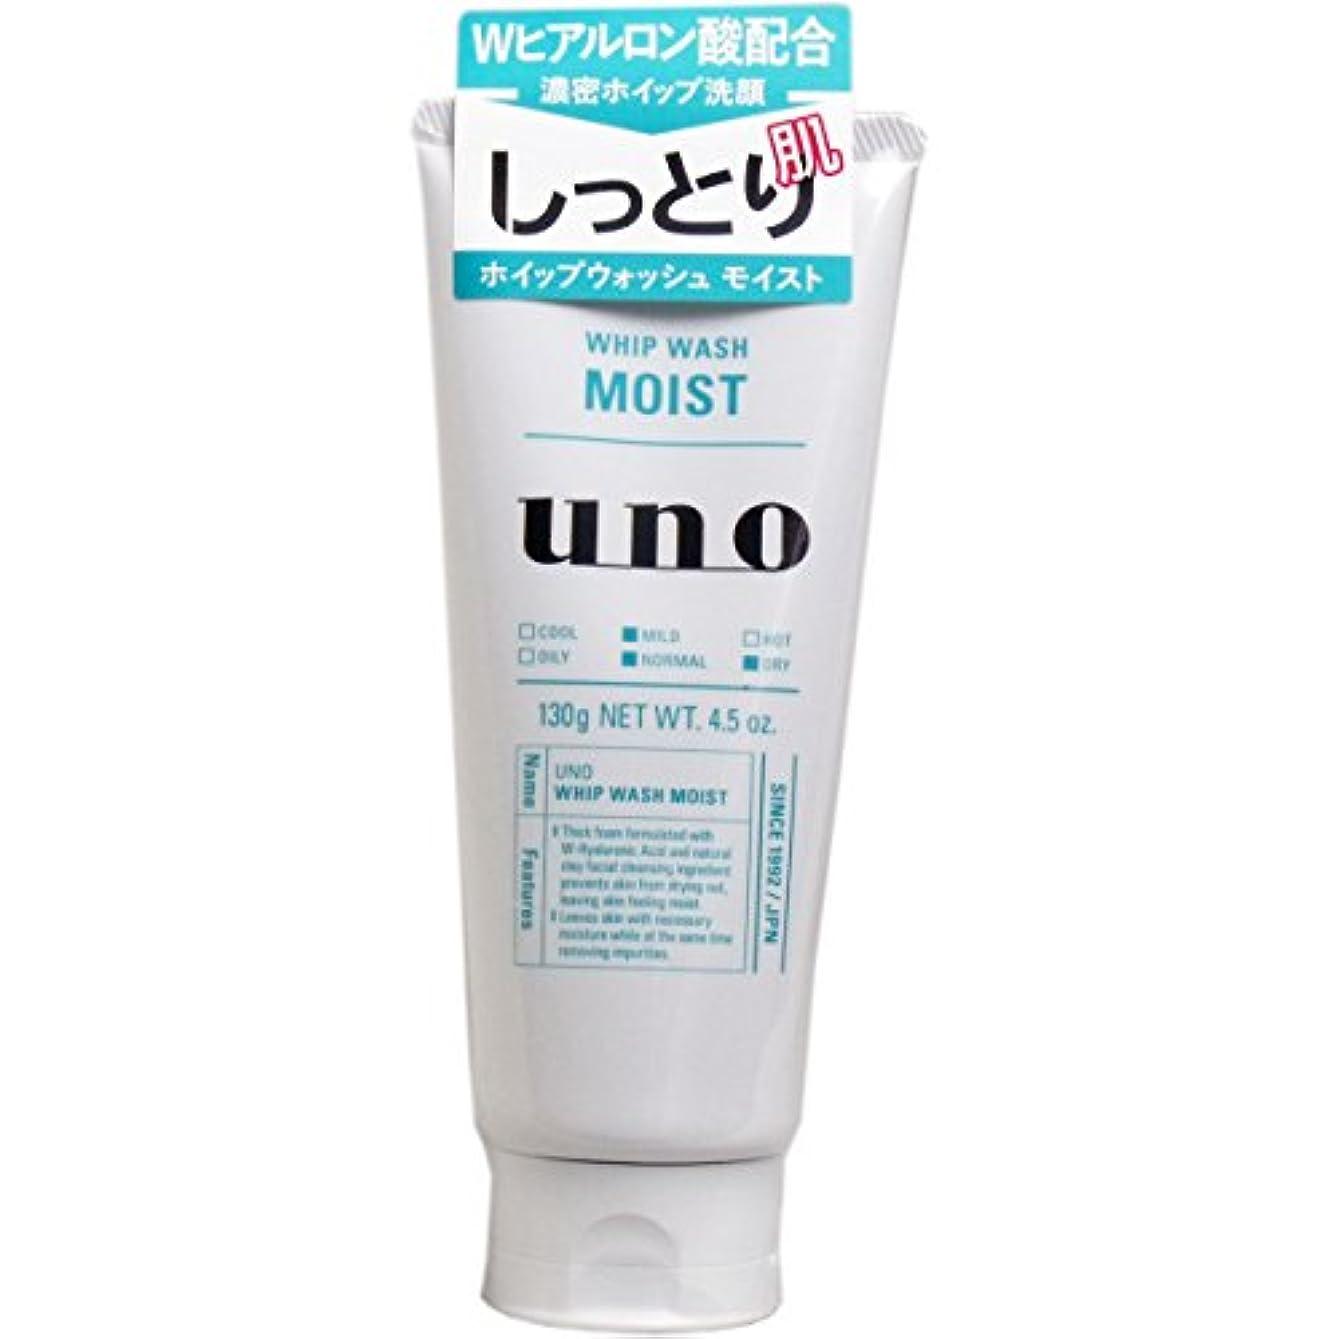 タワー手順質素な【資生堂】ウーノ(uno) ホイップウォッシュ (モイスト) 130g ×2個セット